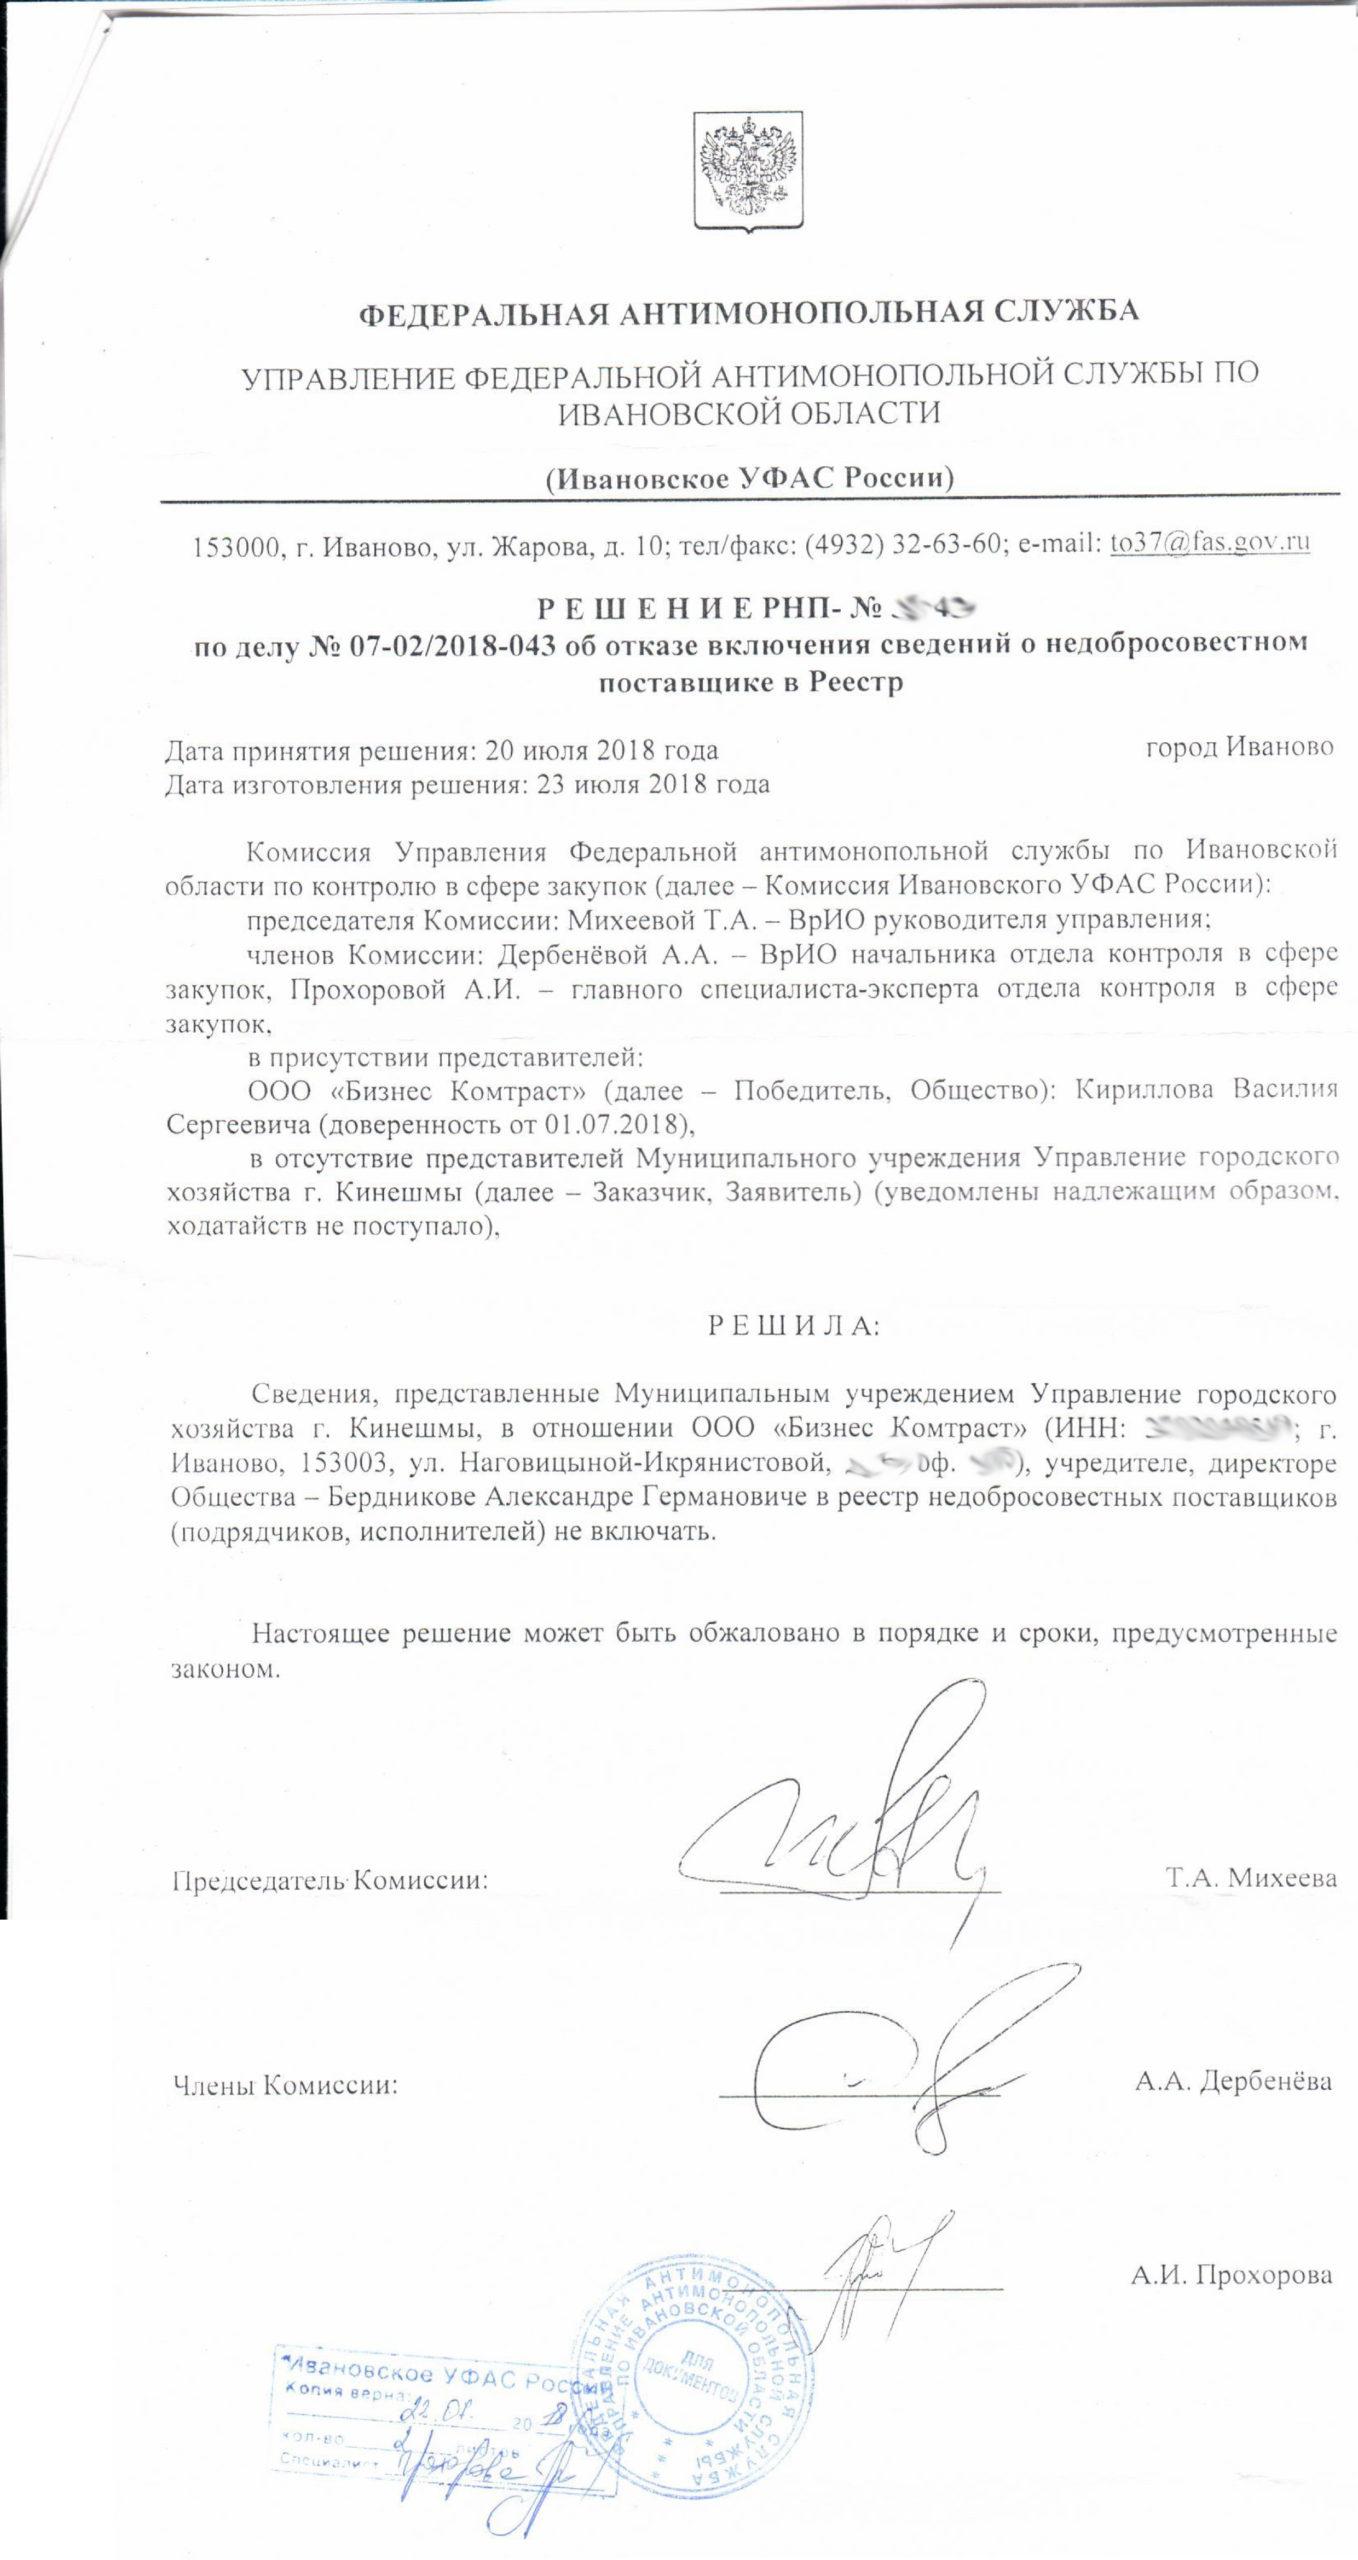 Ивановский УФАС Бизнескомтранс -1